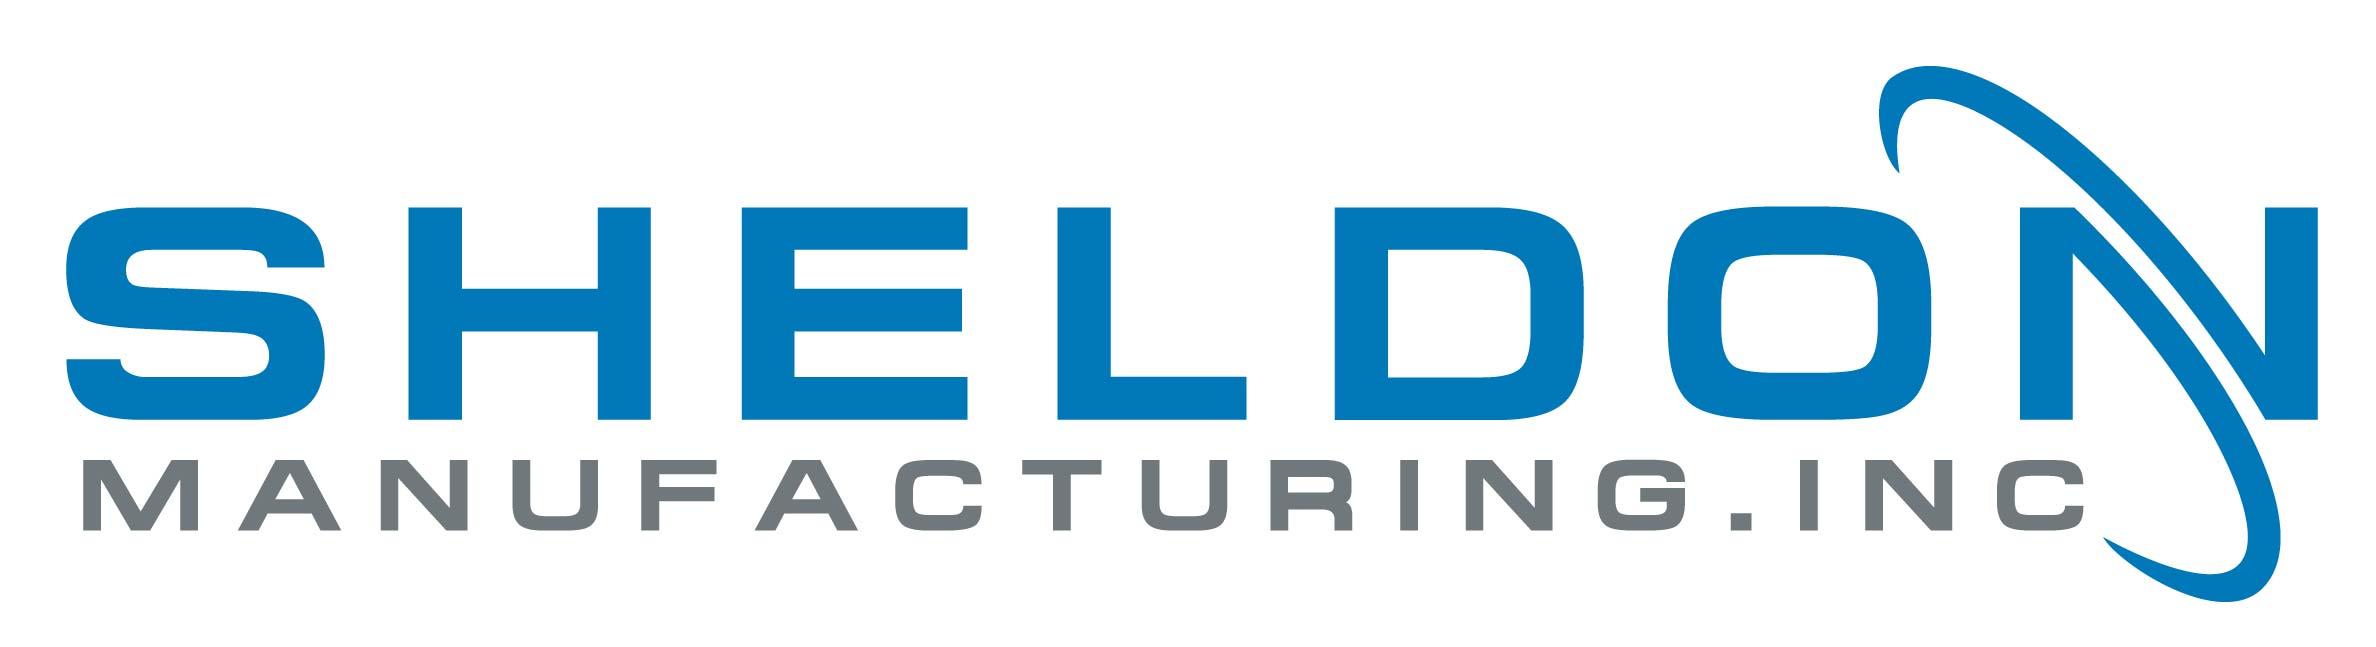 Sheldon Manufacturing Inc. Logo